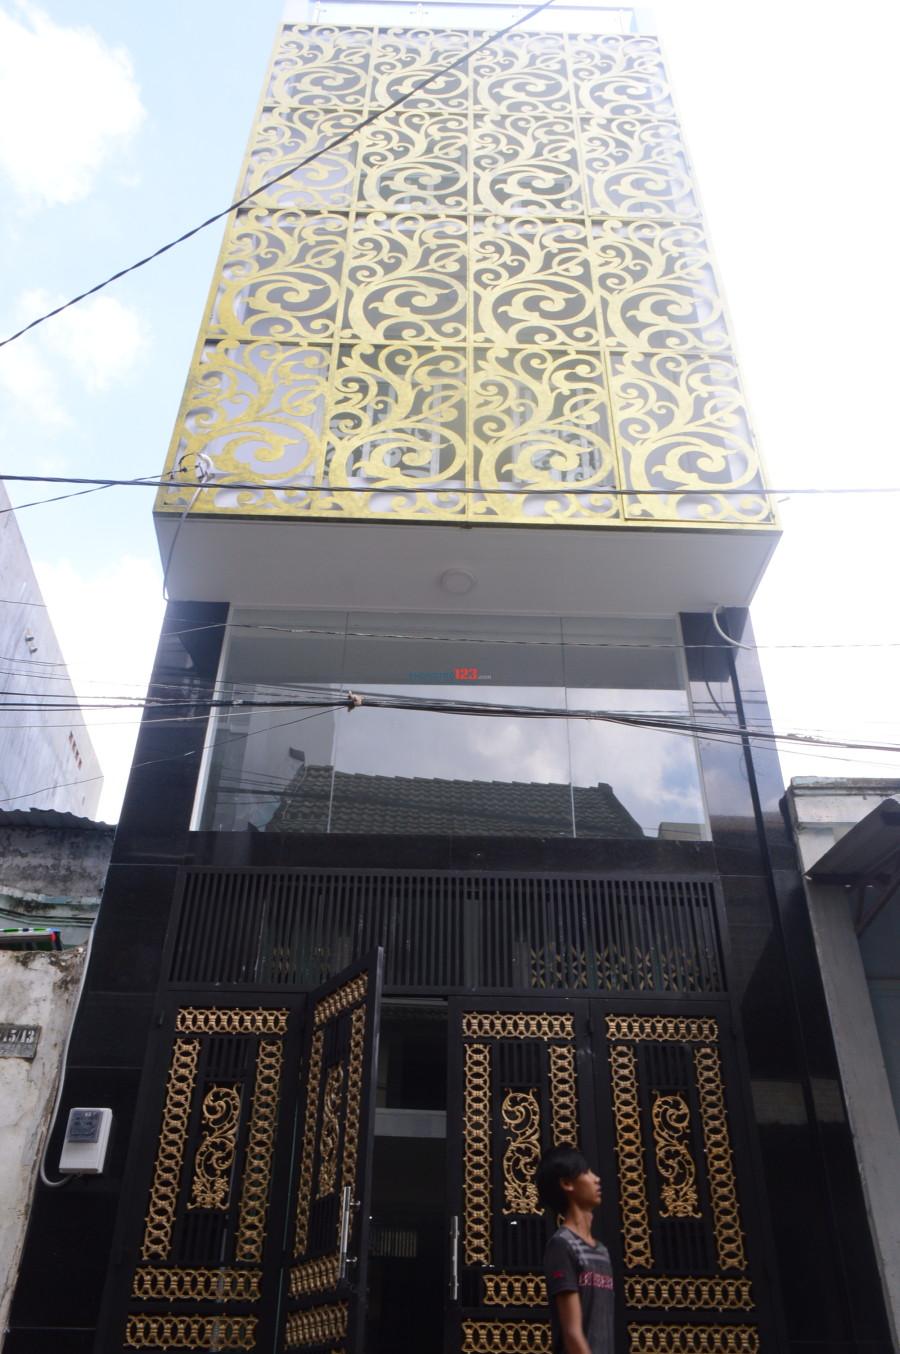 Giảm 500k - Phòng 21m gần công viên Hoàng Văn Thụ, Etown, chợ, trường học, bệnh viện, sân bay